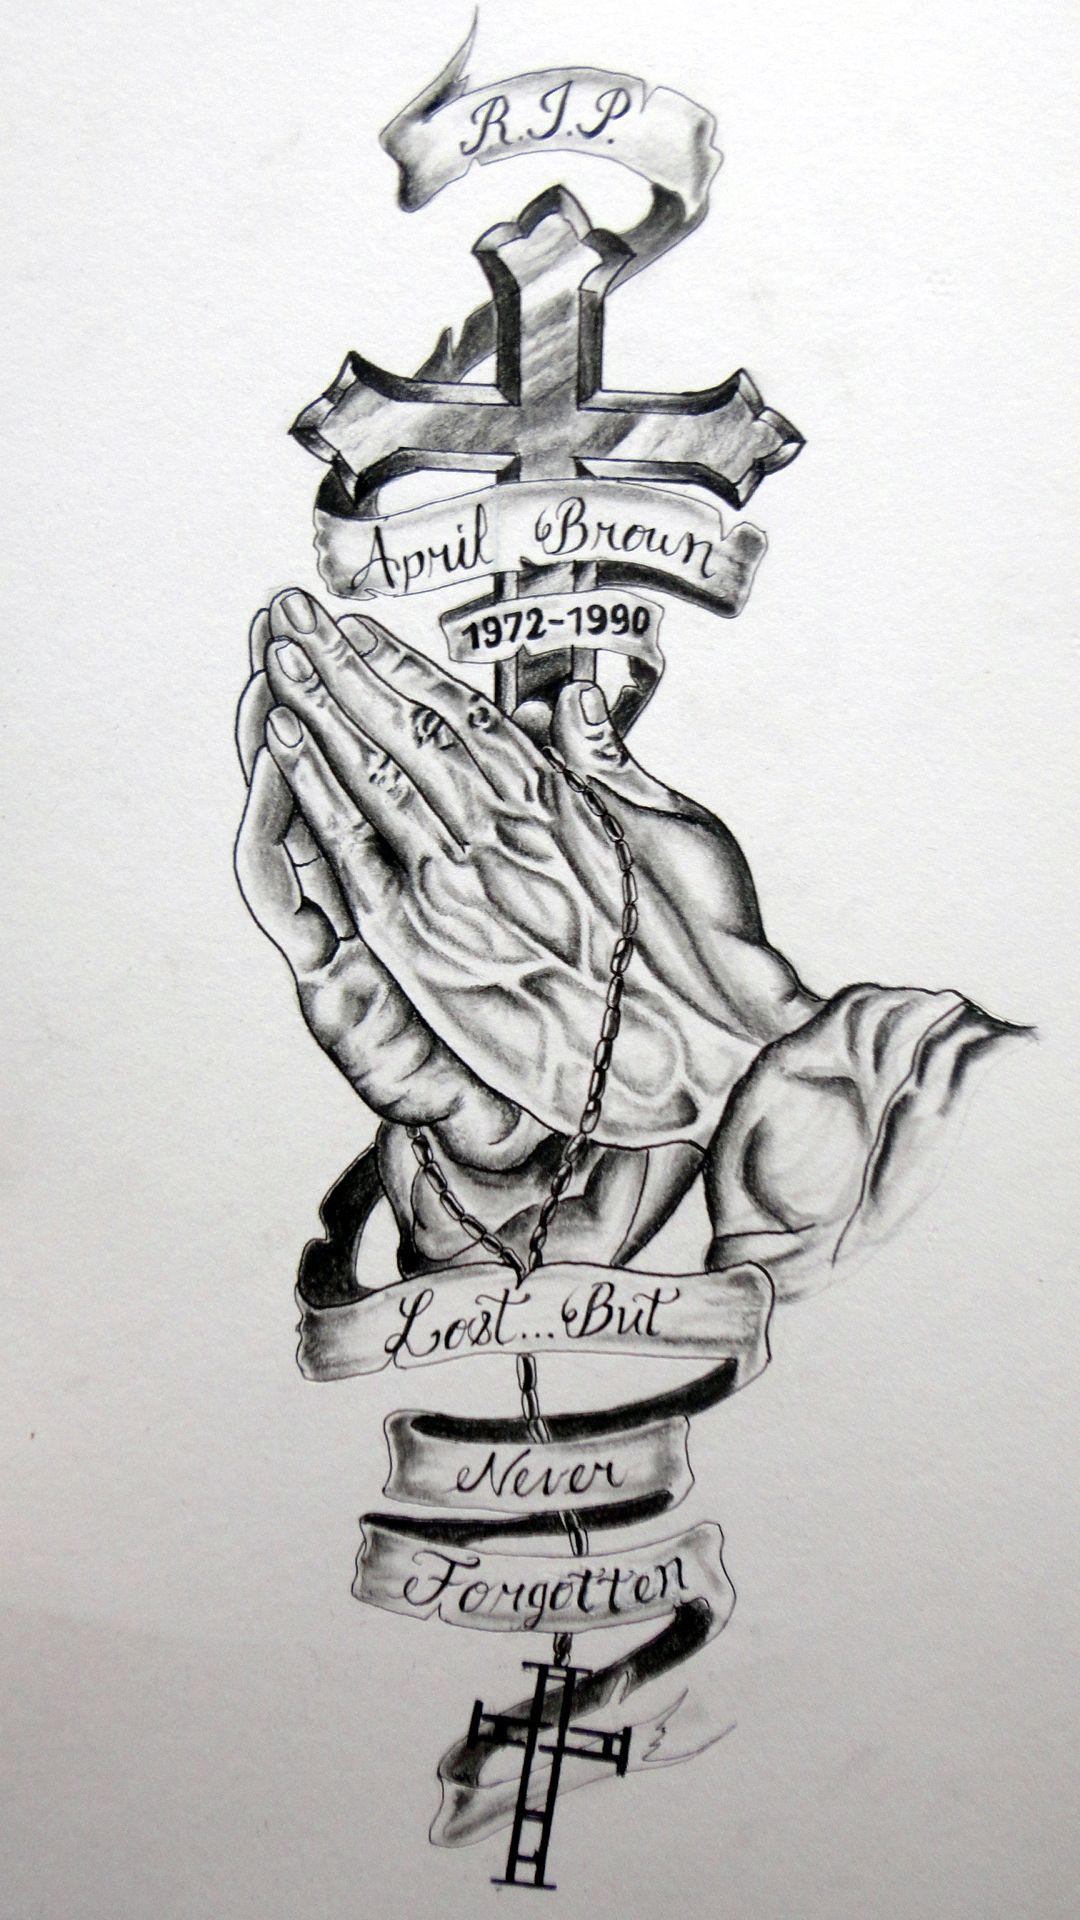 Rip Tattoo Custom Drawings Rip Tattoo Tattoos Word Tattoos within dimensions 1080 X 1920